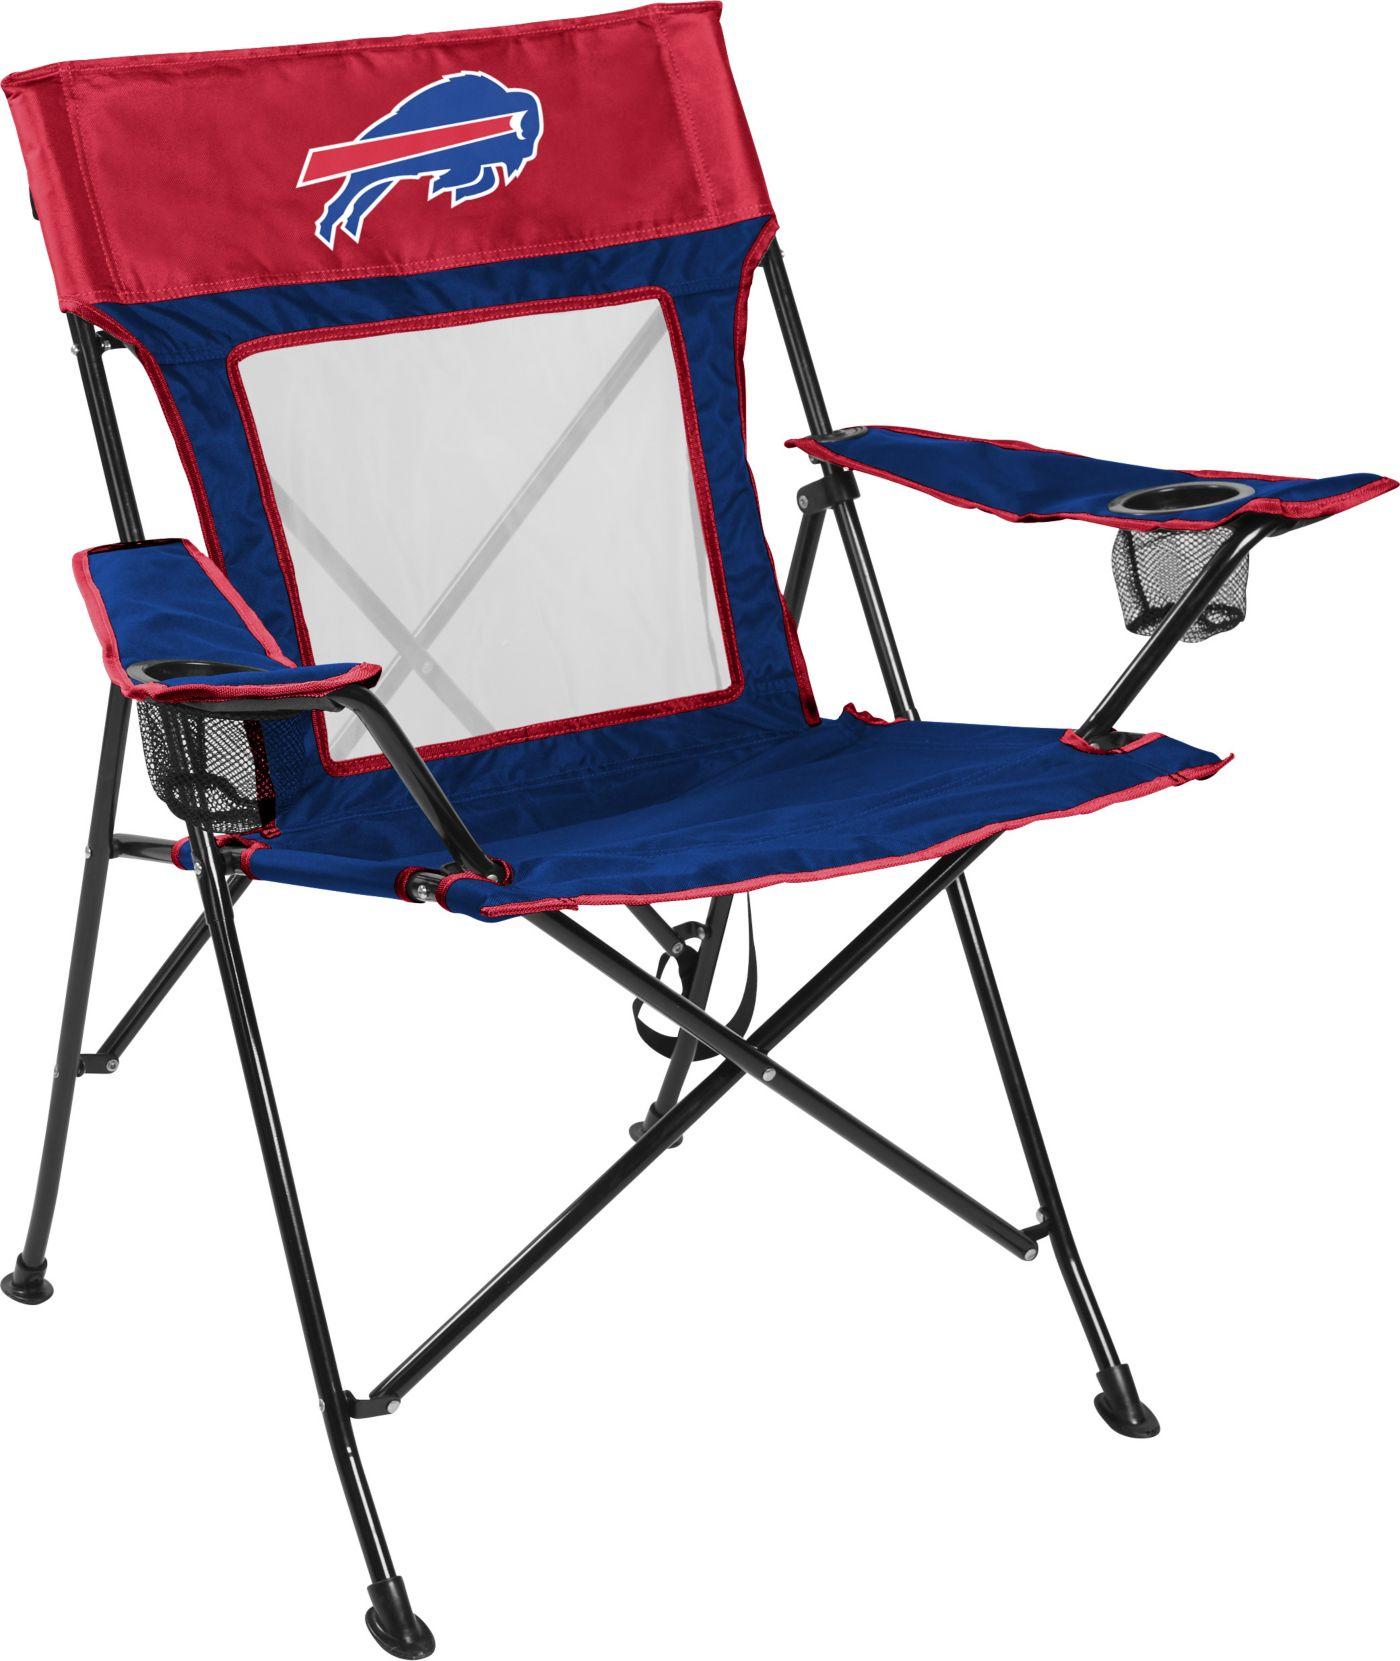 Rawlings Buffalo Bills Game Changer Chair